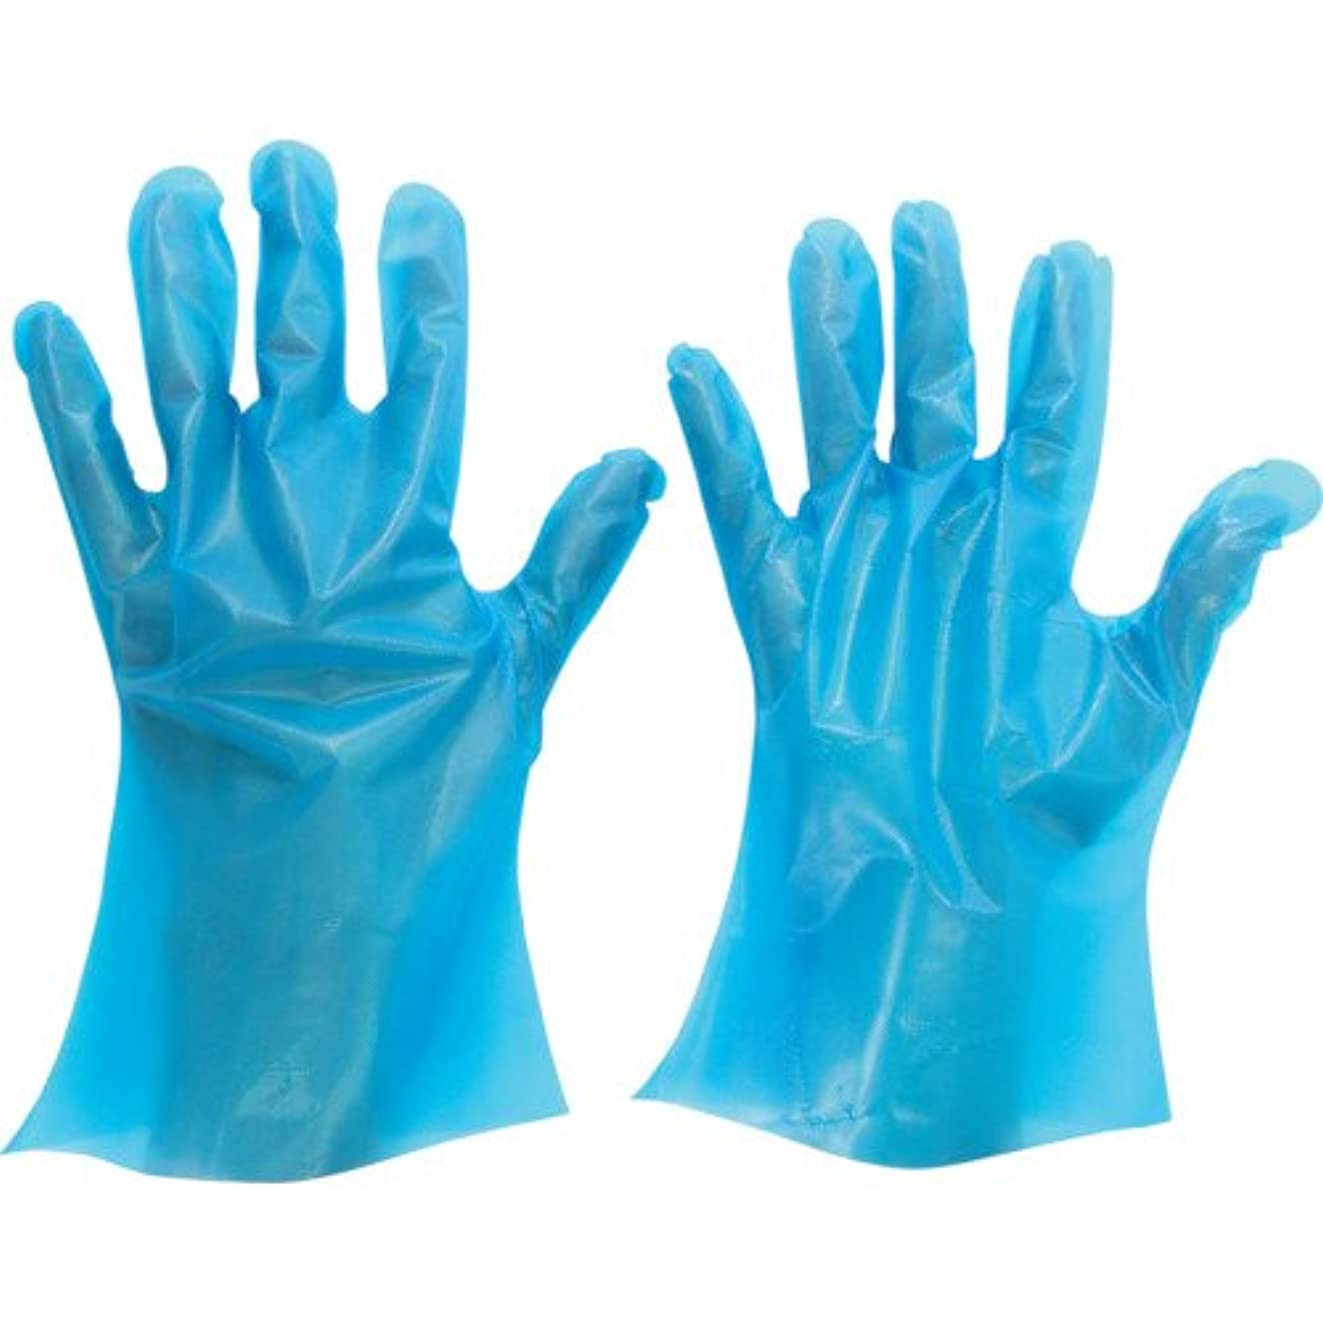 電気の成り立つ虫を数えるミドリ安全 ポリエチレン使い捨て手袋 厚手 外エンボス 200枚入 青 M VERTE566NM